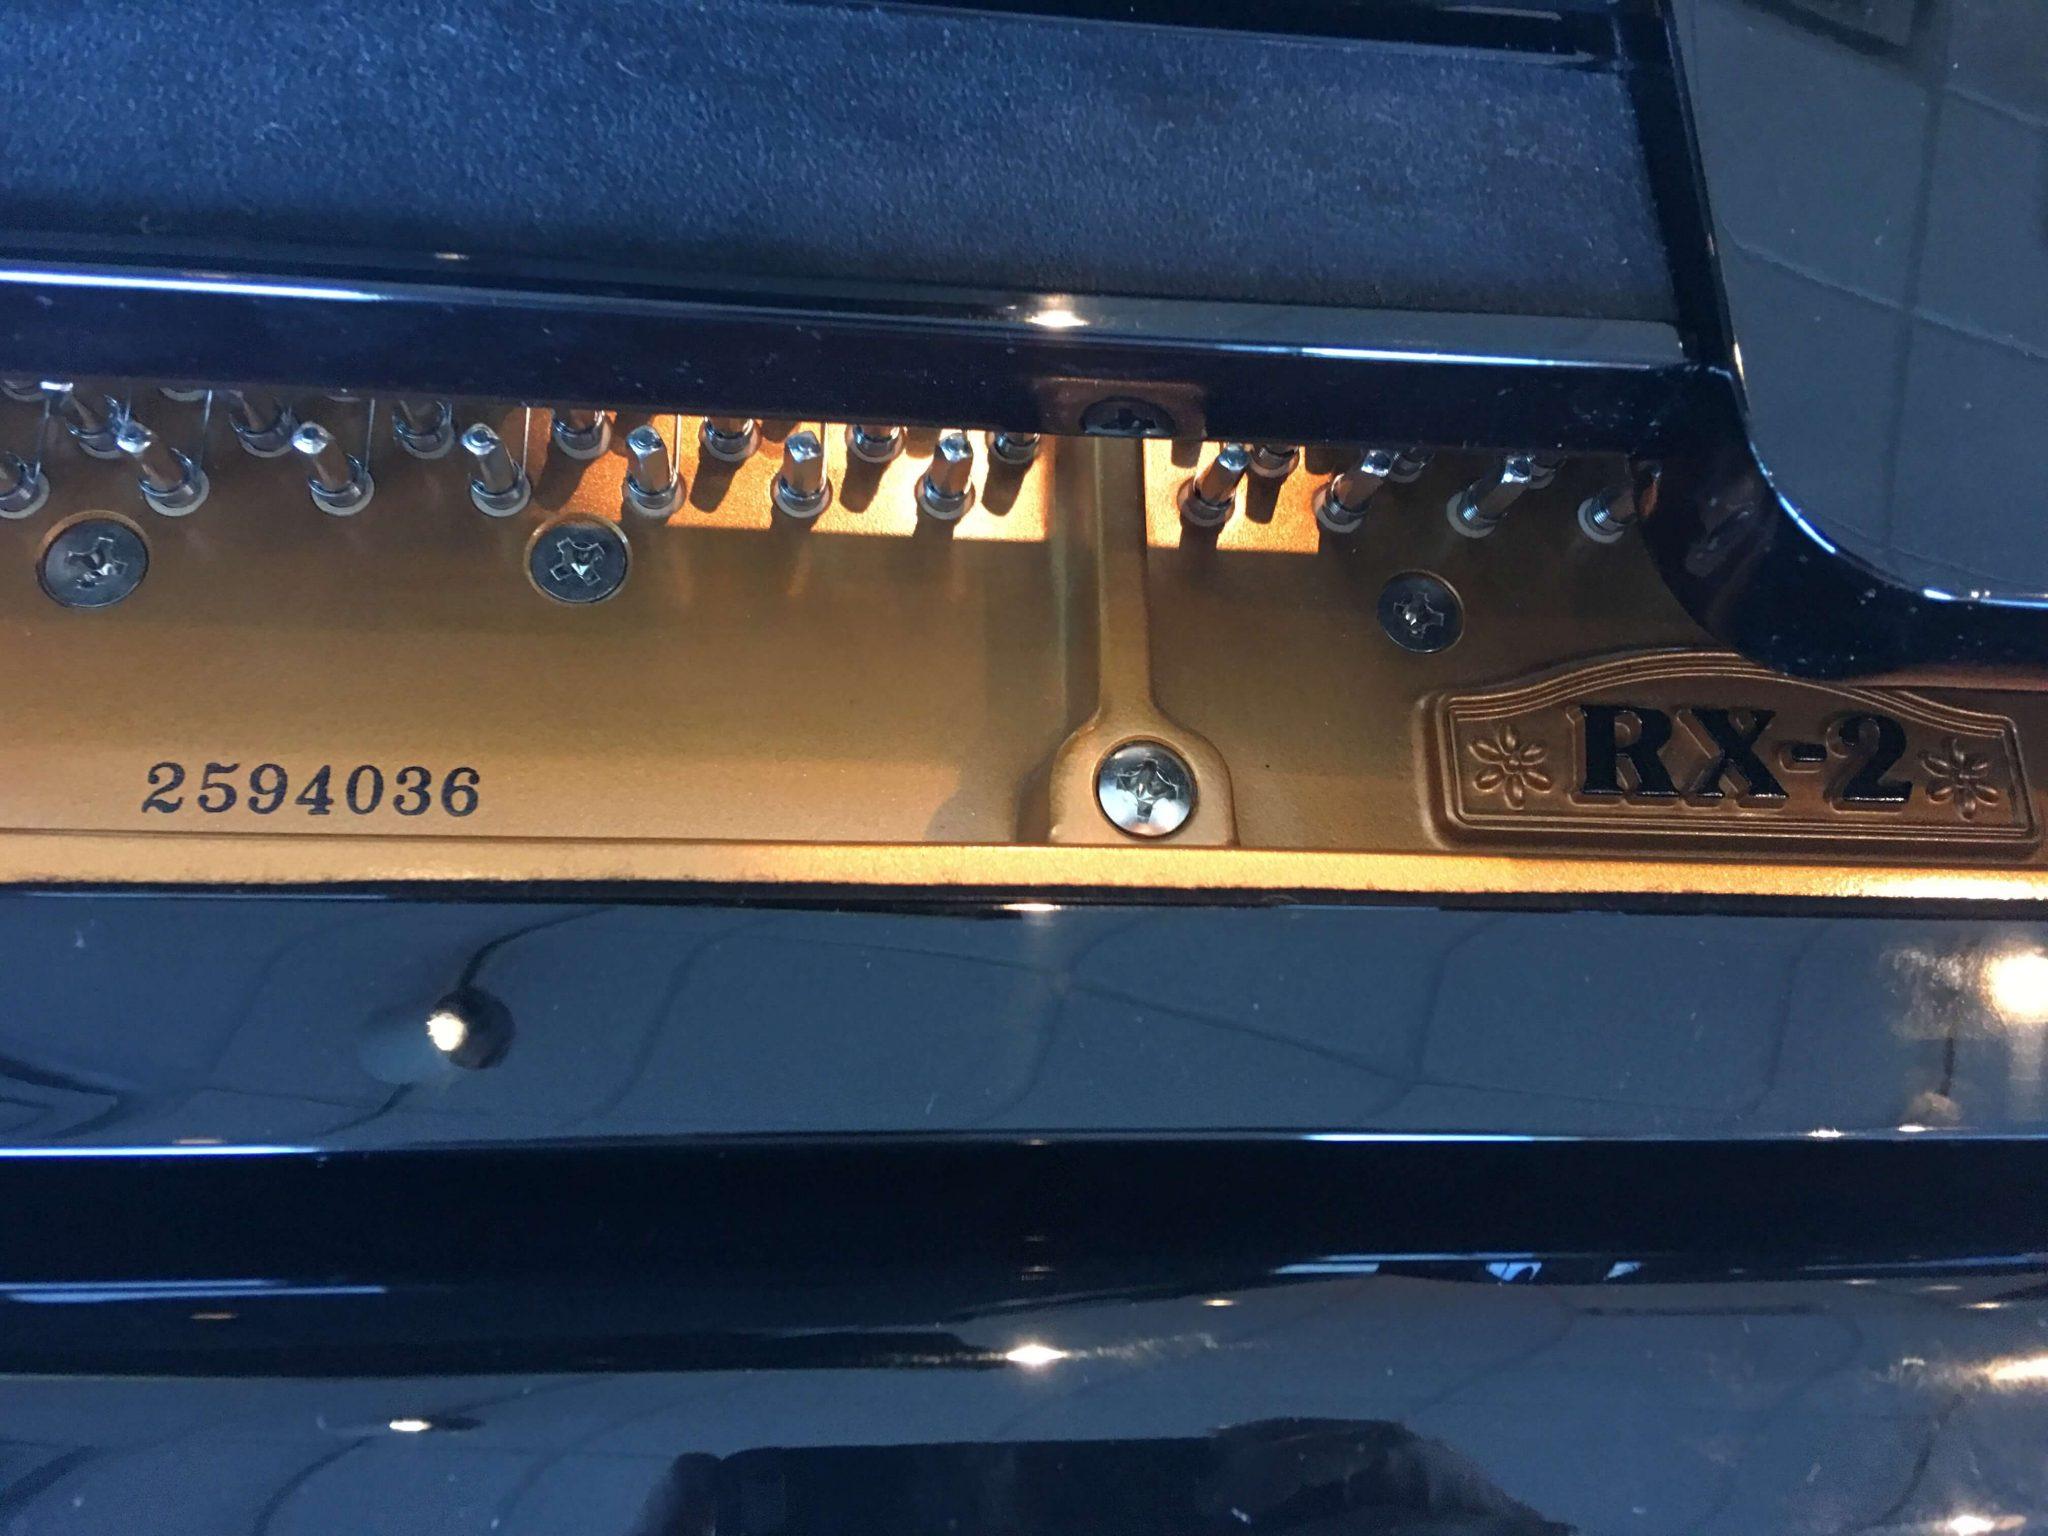 2008 Kawai RX2